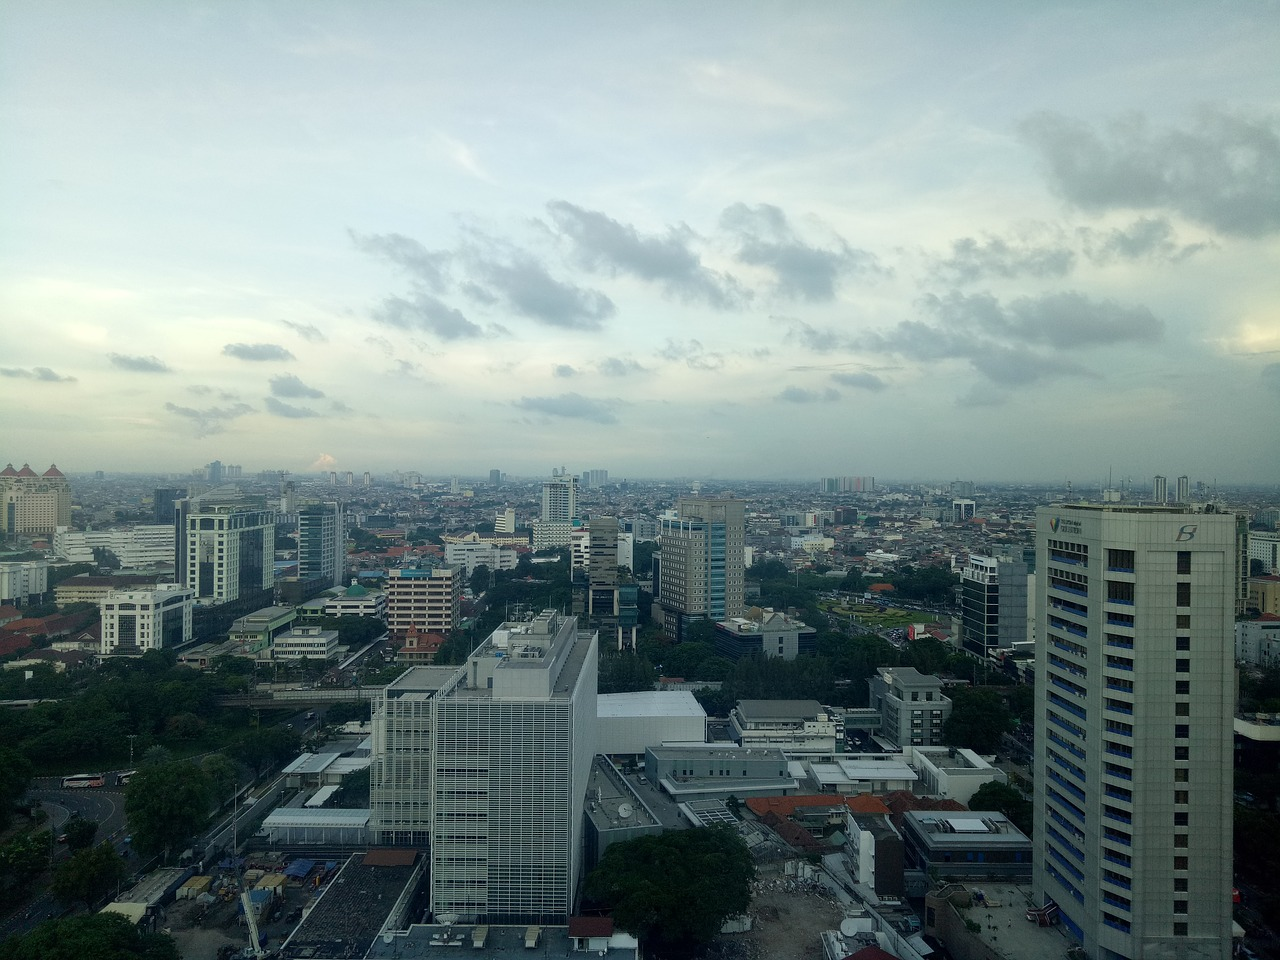 Séjour en Indonésie : que ramener de son passage à Jakarta ? 1